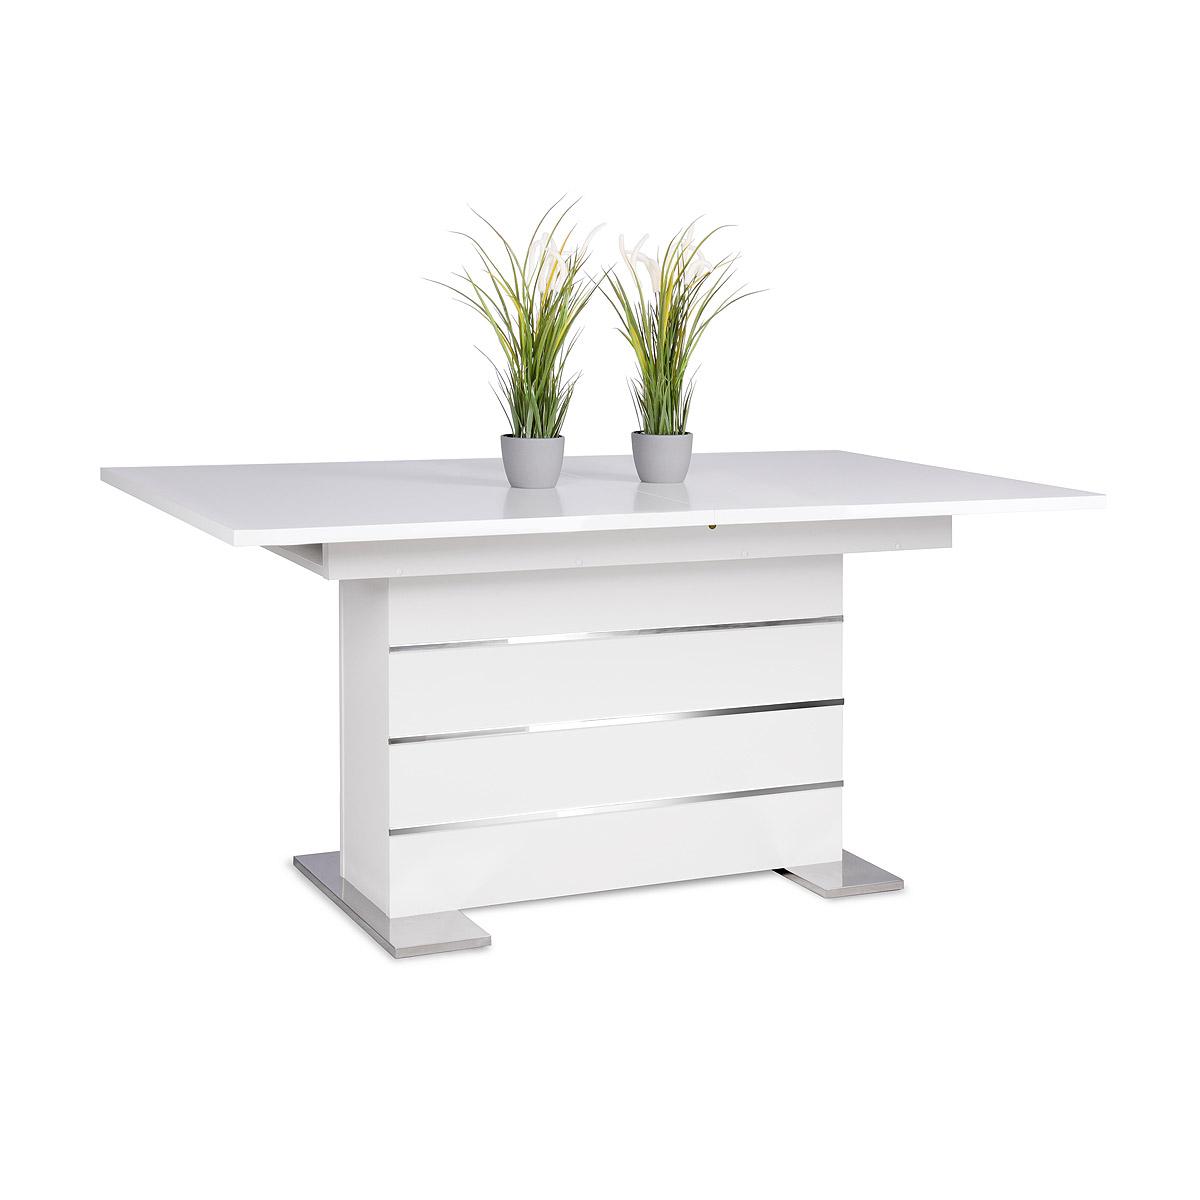 Esstisch 100x100 Ausziehbar Weiß : Tisch Mantova Esstisch Weiß Ausziehbar 160 200x90 Cm  eBay